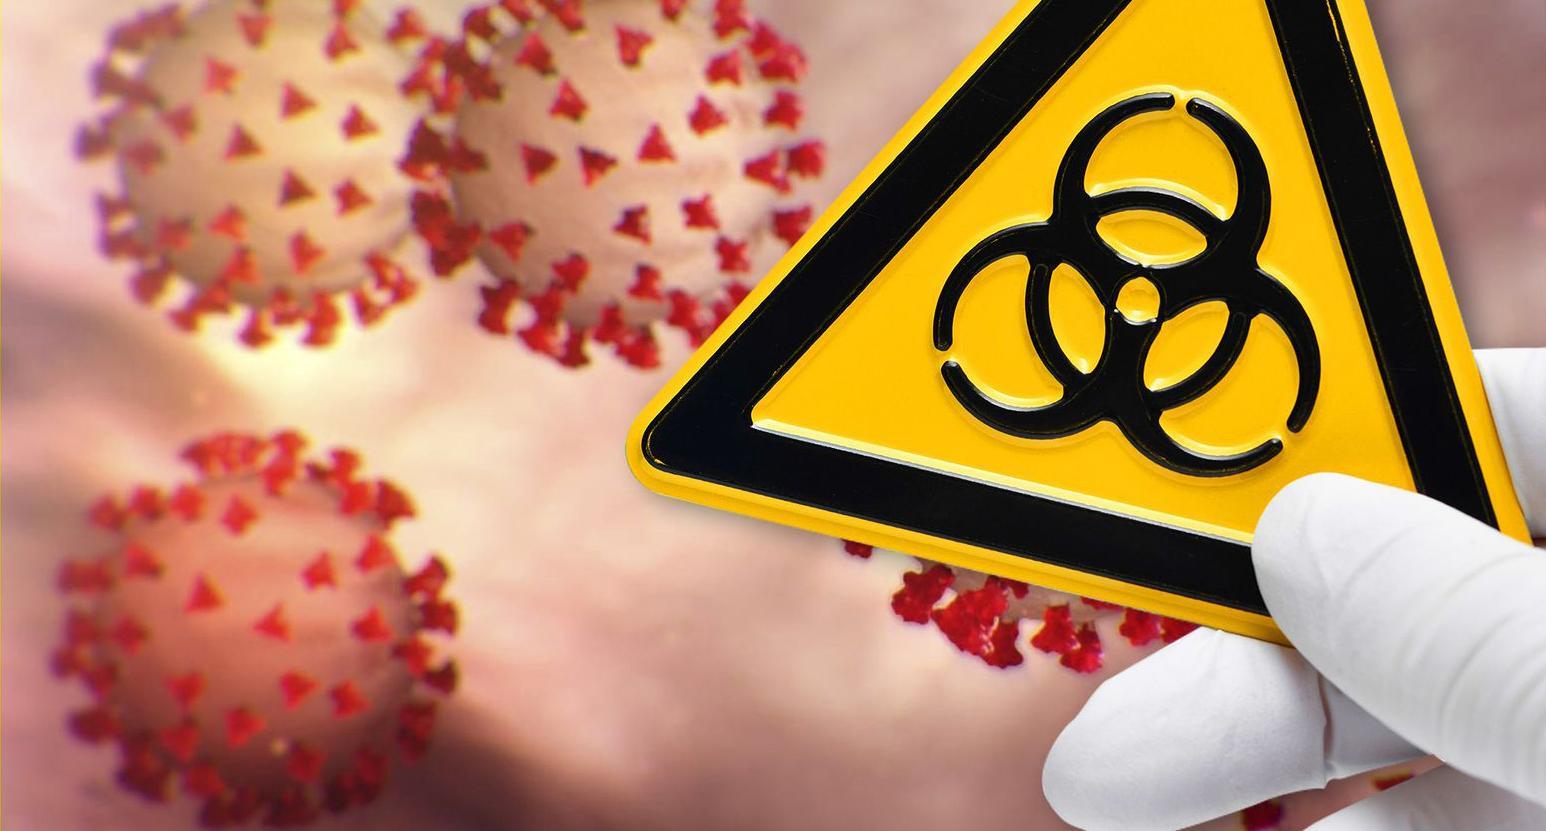 Im Hintergrund eine schematische Darstellung von Coronaviren, im Vordergrund eine behandschuhte Hand, die ein Schild für biologische Gefährdung hochhält.